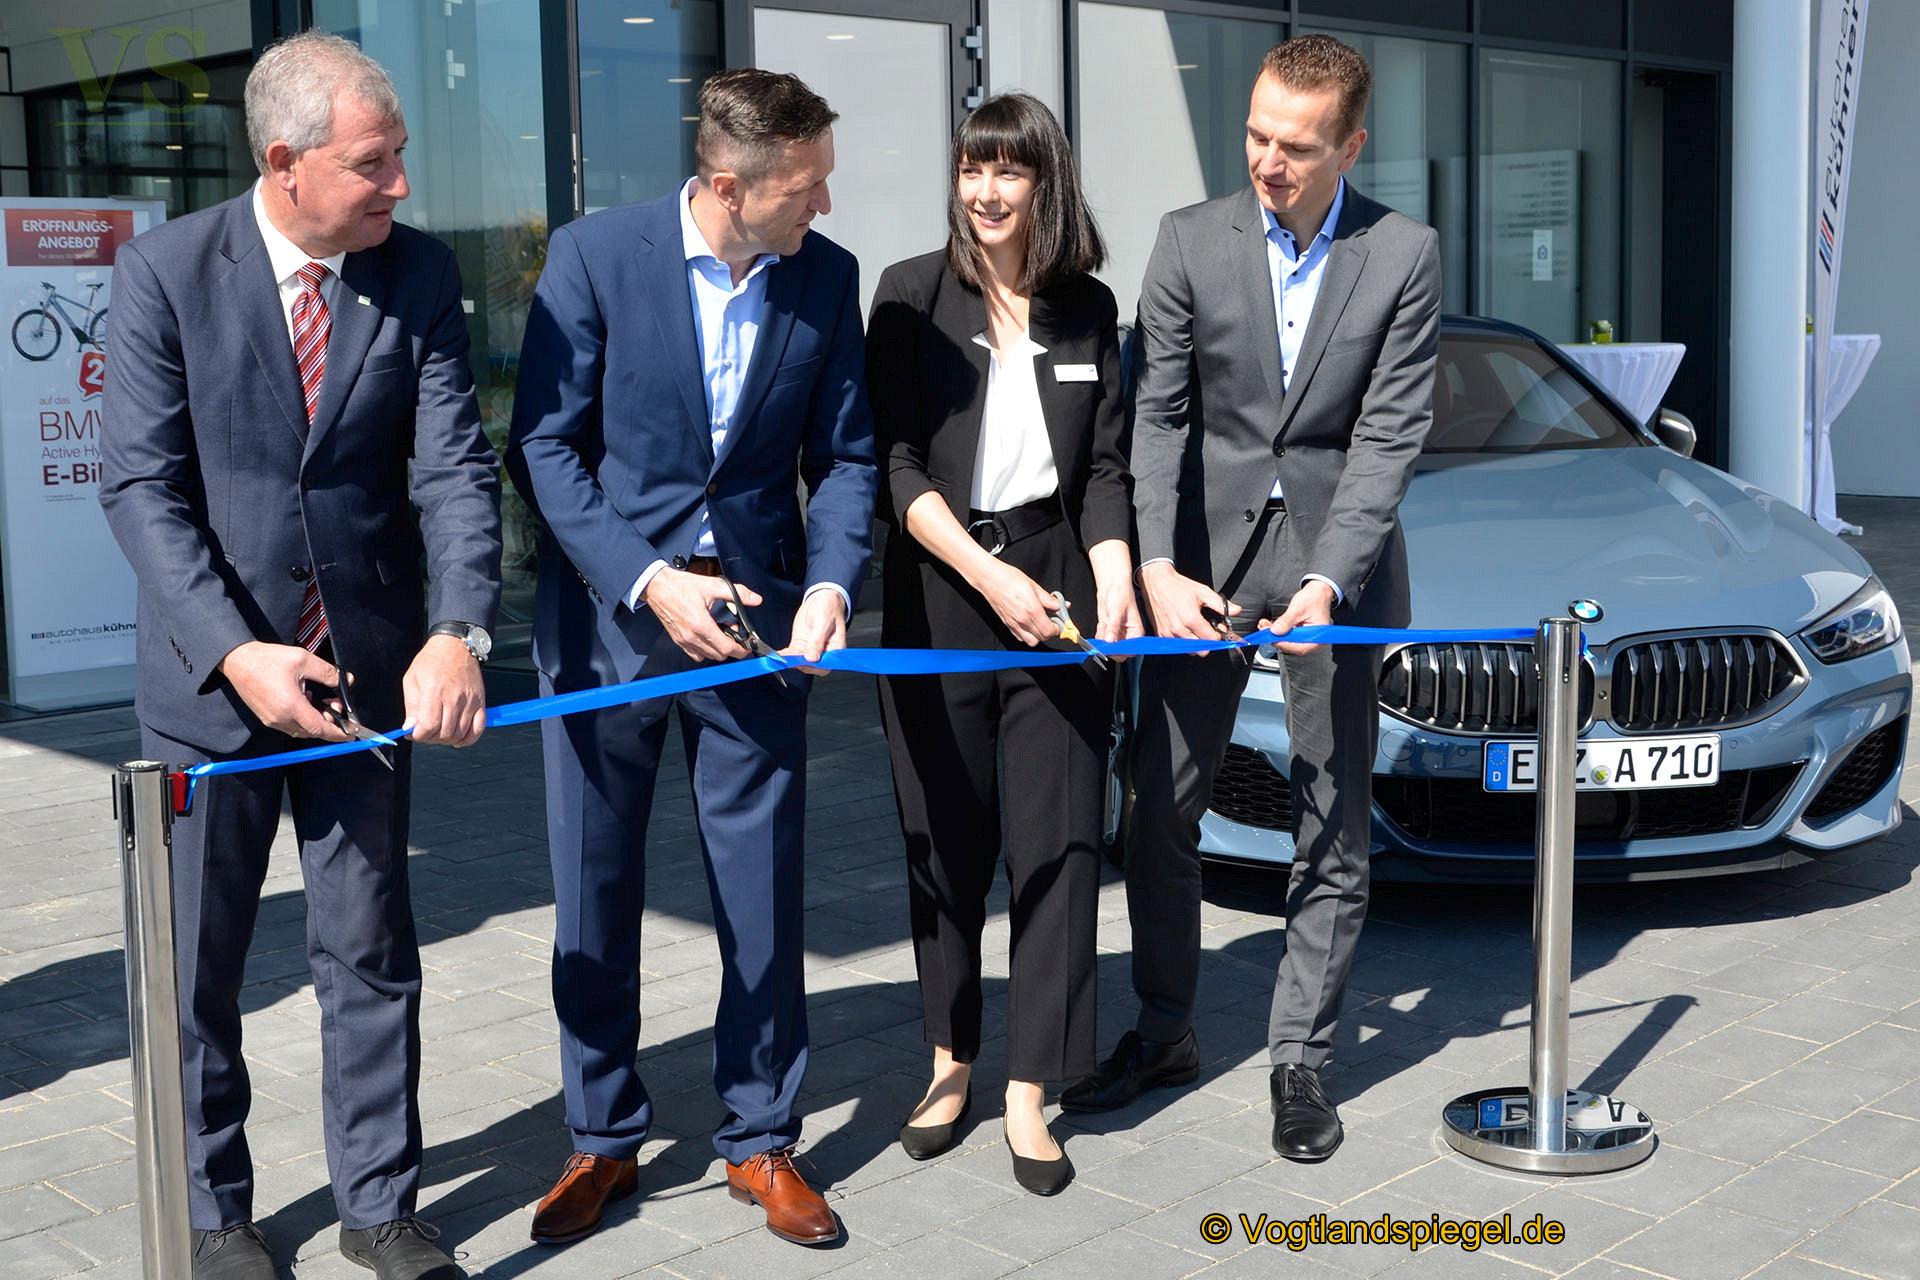 Der Bandschnitt wurde von Langenwetzendorfs Bürgermeister Kai Dittmann, Ralf Kühnert, Katharina Kühnert und Tim Beltermann (v.l.) vollzogen.